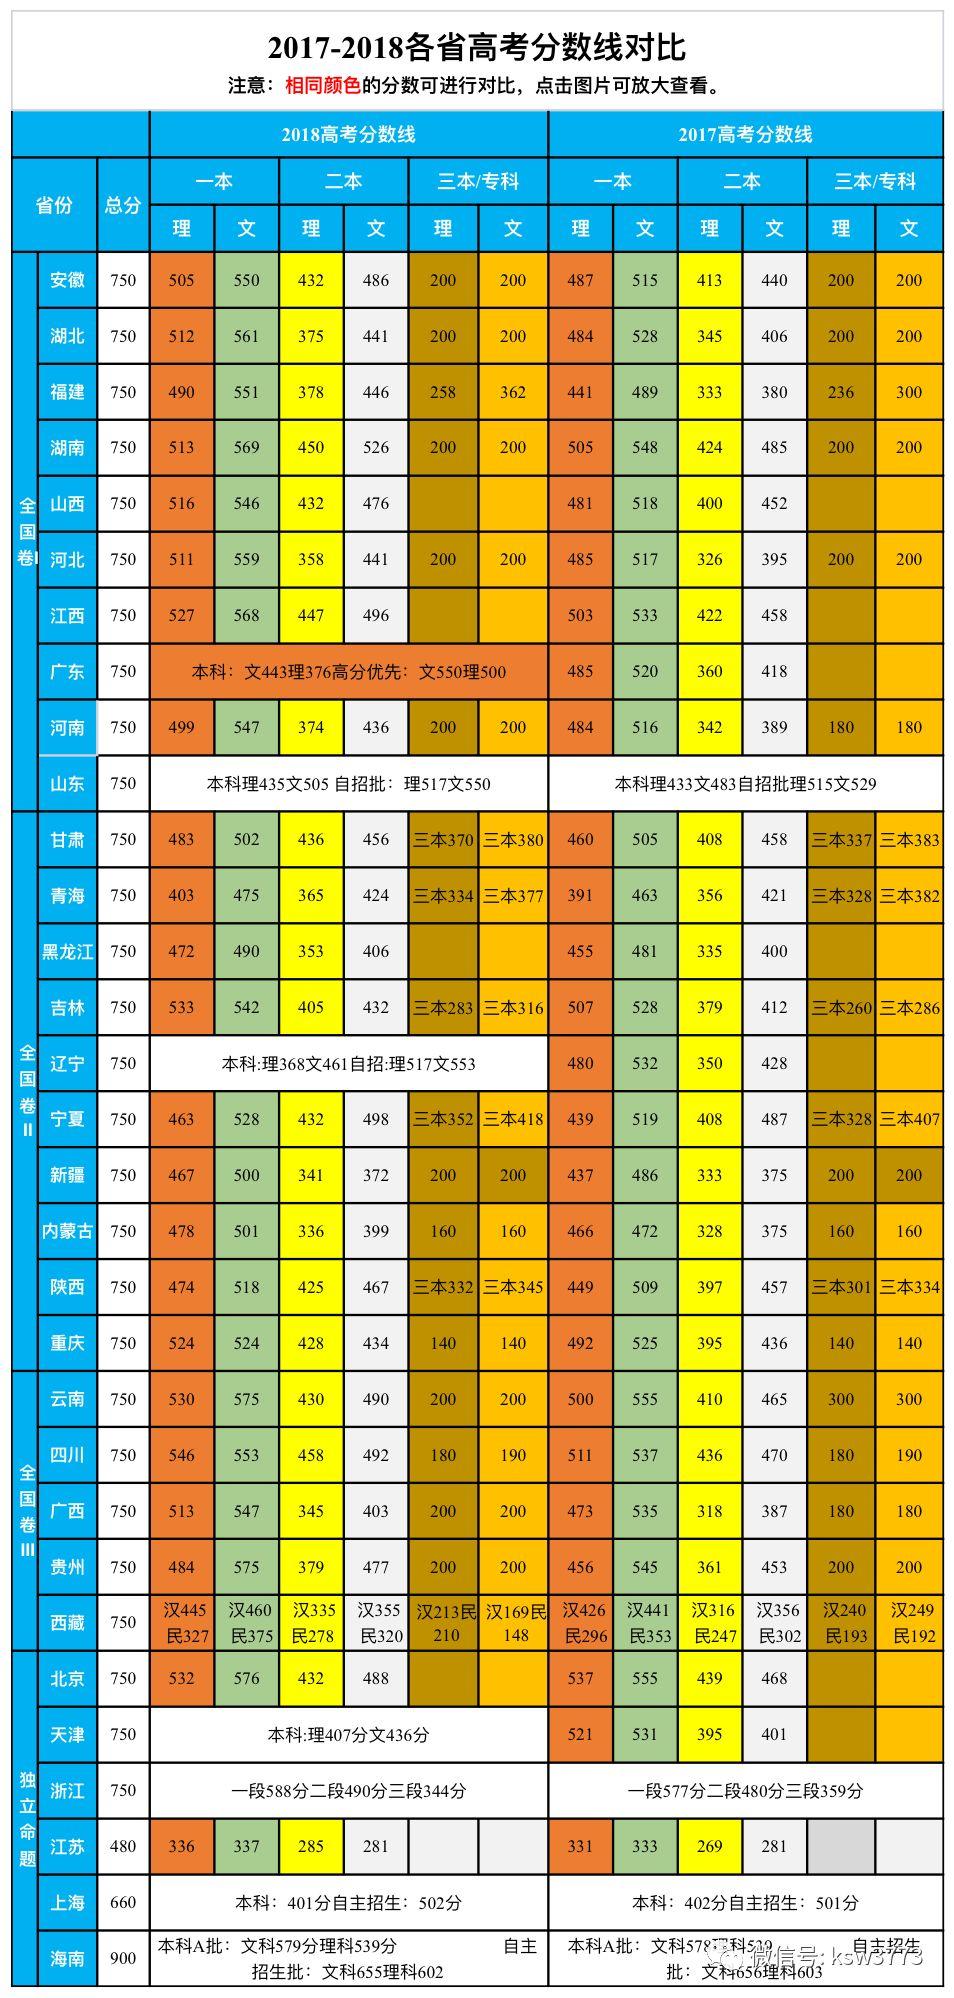 2013浙江省高考成绩_分数线 | 最新!近几年高考分数线对比!_招生